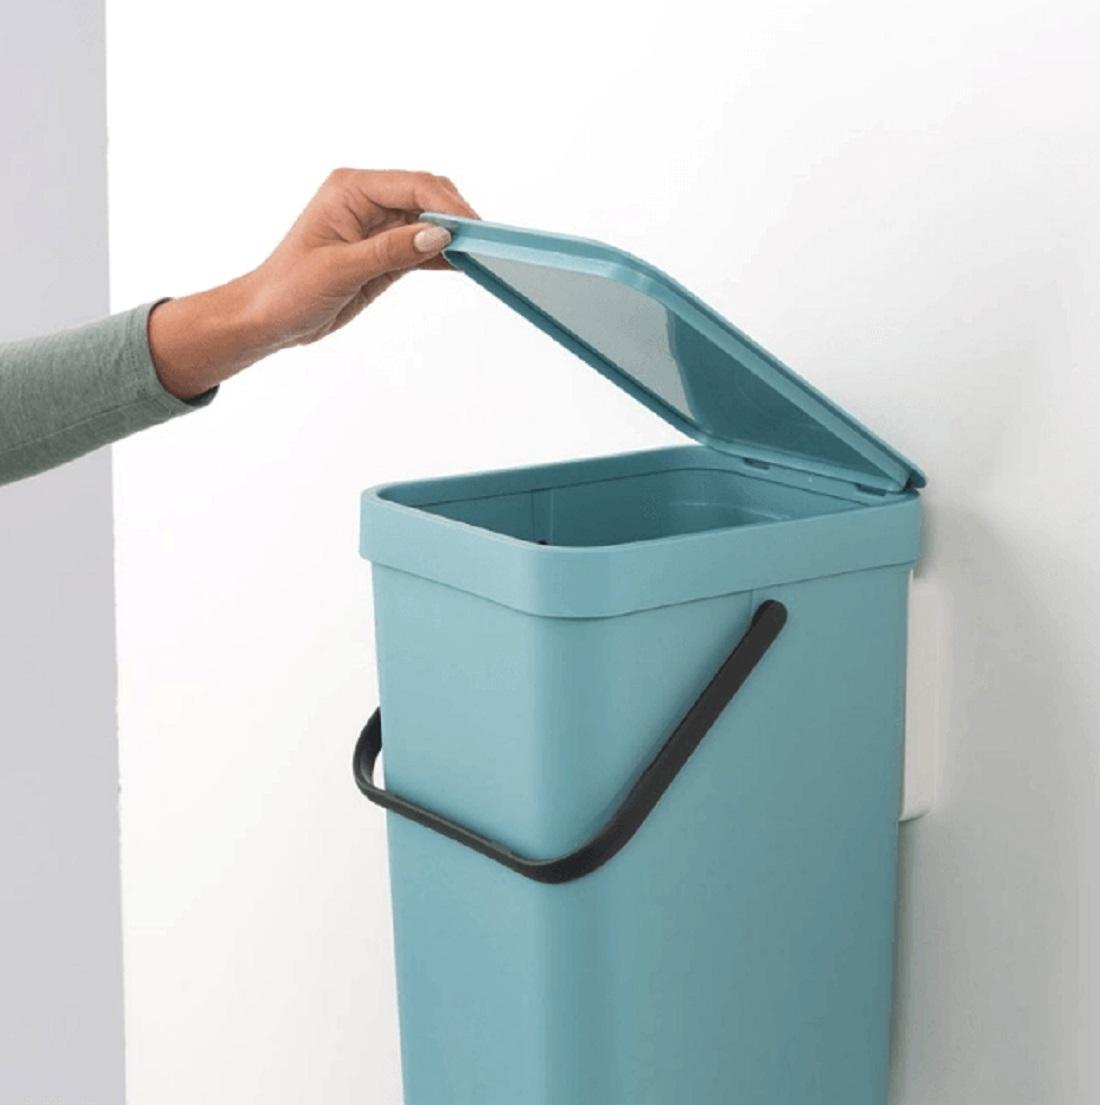 Ведро для мусора Sort&Go Brabantia, объем 12 л, мятный Brabantia 109744 фото 7